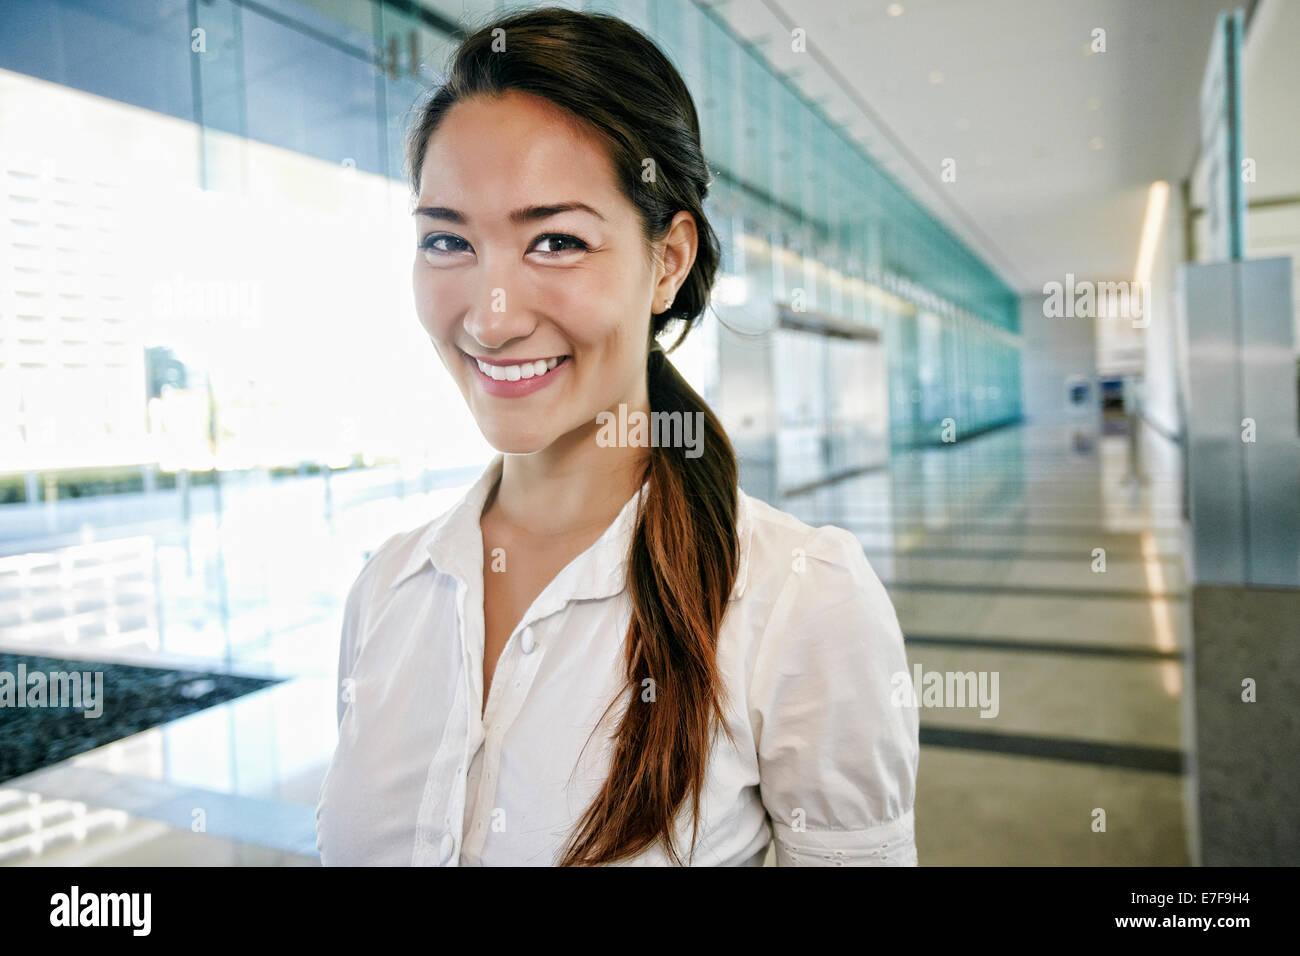 Gemischte Rassen Geschäftsfrau lächelnd in lobby Stockfoto